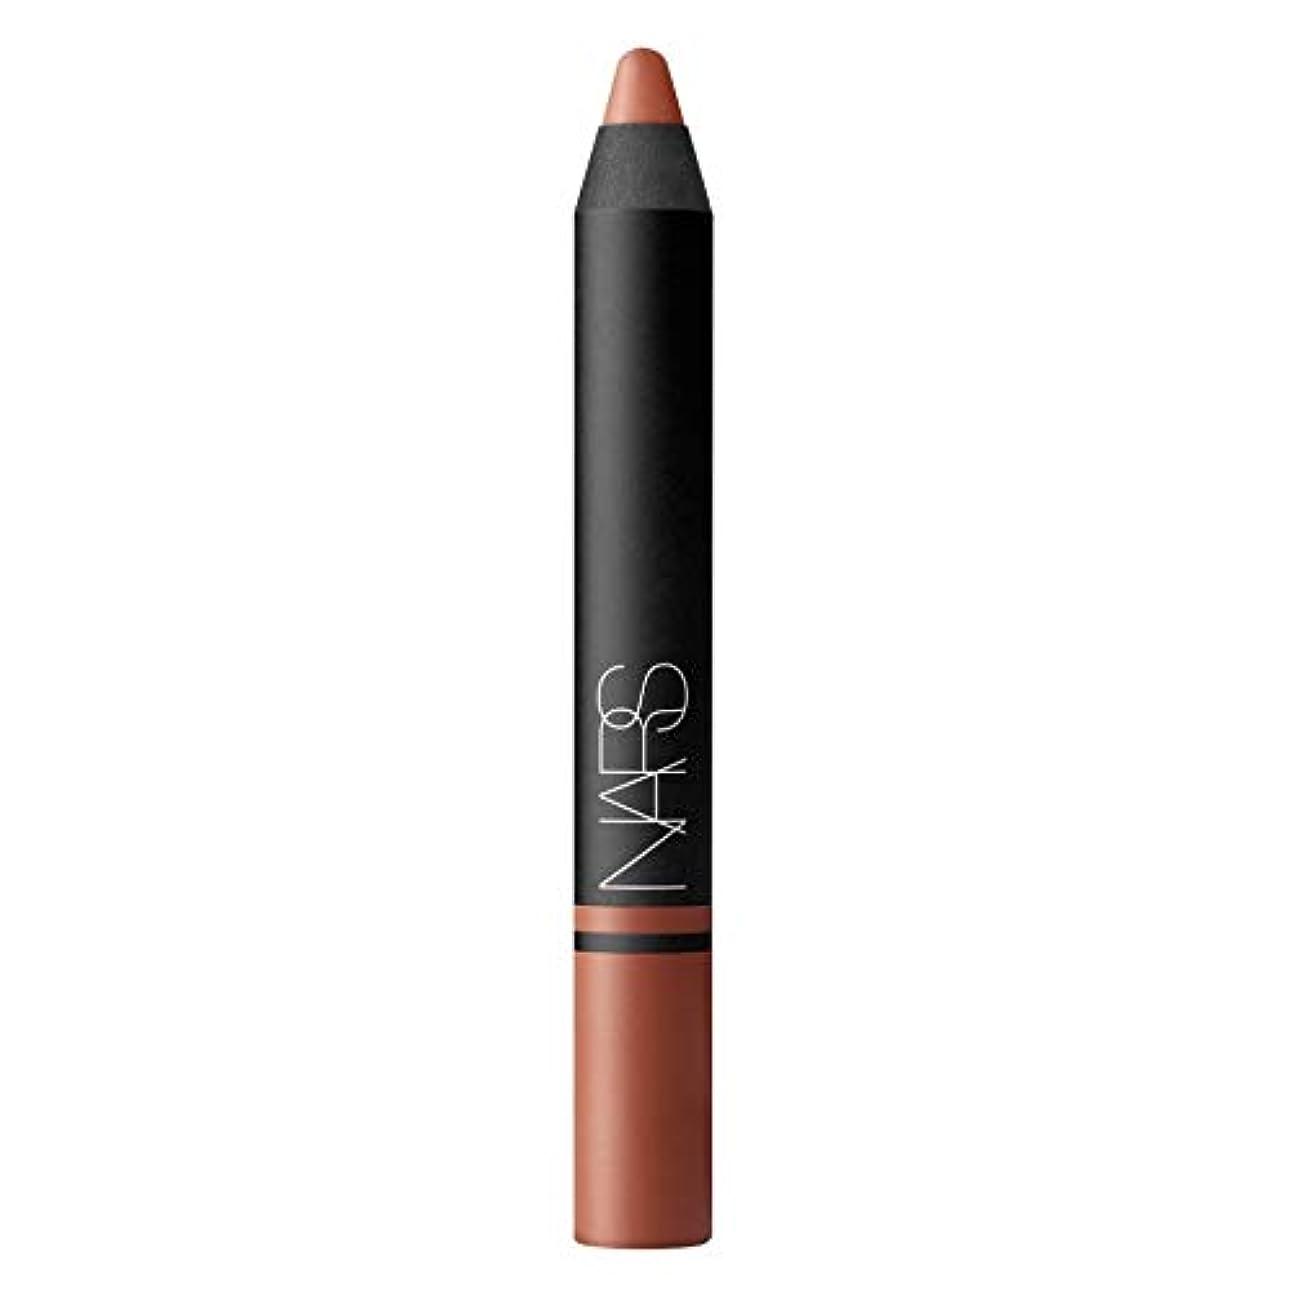 ぼかしエクステントフォーマット[NARS] HetのトイレでのリップペンシルサテンのNar - Nars Satin Lip Pencil in Het Loo [並行輸入品]